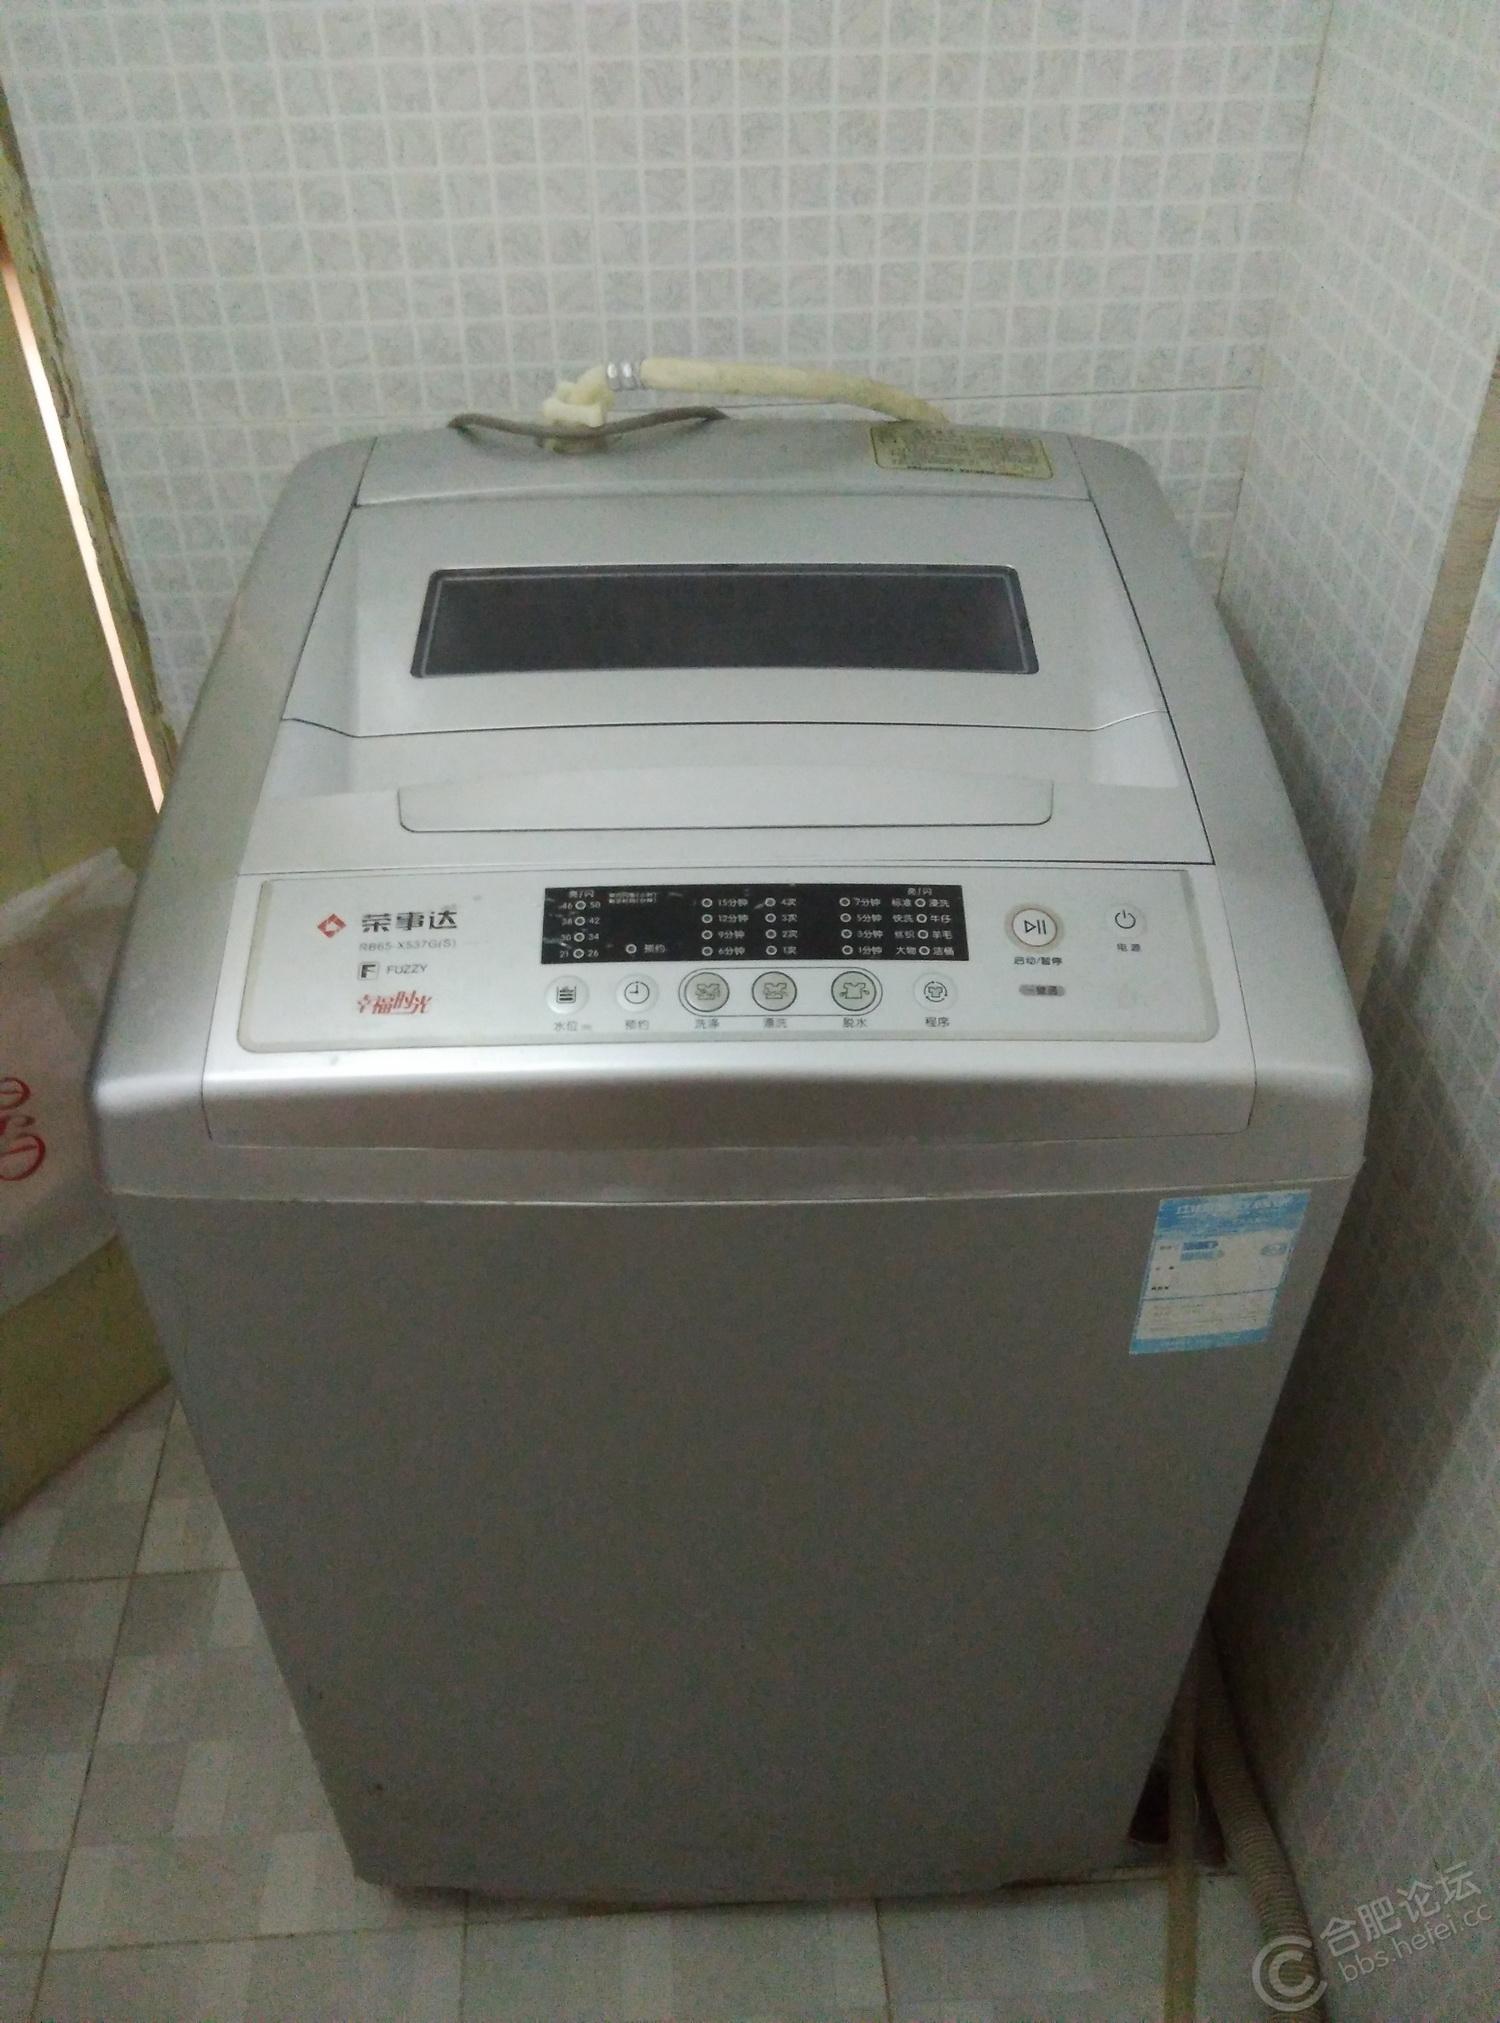 """因搬家出以下物品,都是非常新的。, D#   ^- U7 p"""" h 1、空调,2012年6月购买,美的9成新,具体型号为KFR-26GW,冷暖两用,效果奇佳,质量很好,1200元出,正面图片晚上上。 ; m. h% B9 i, D g; s) q2、冰箱,星星的的单门冰箱,8成新,质量很好,无任何故障,300元出; {3 H8 K, ["""" ]7 k# T$ s."""